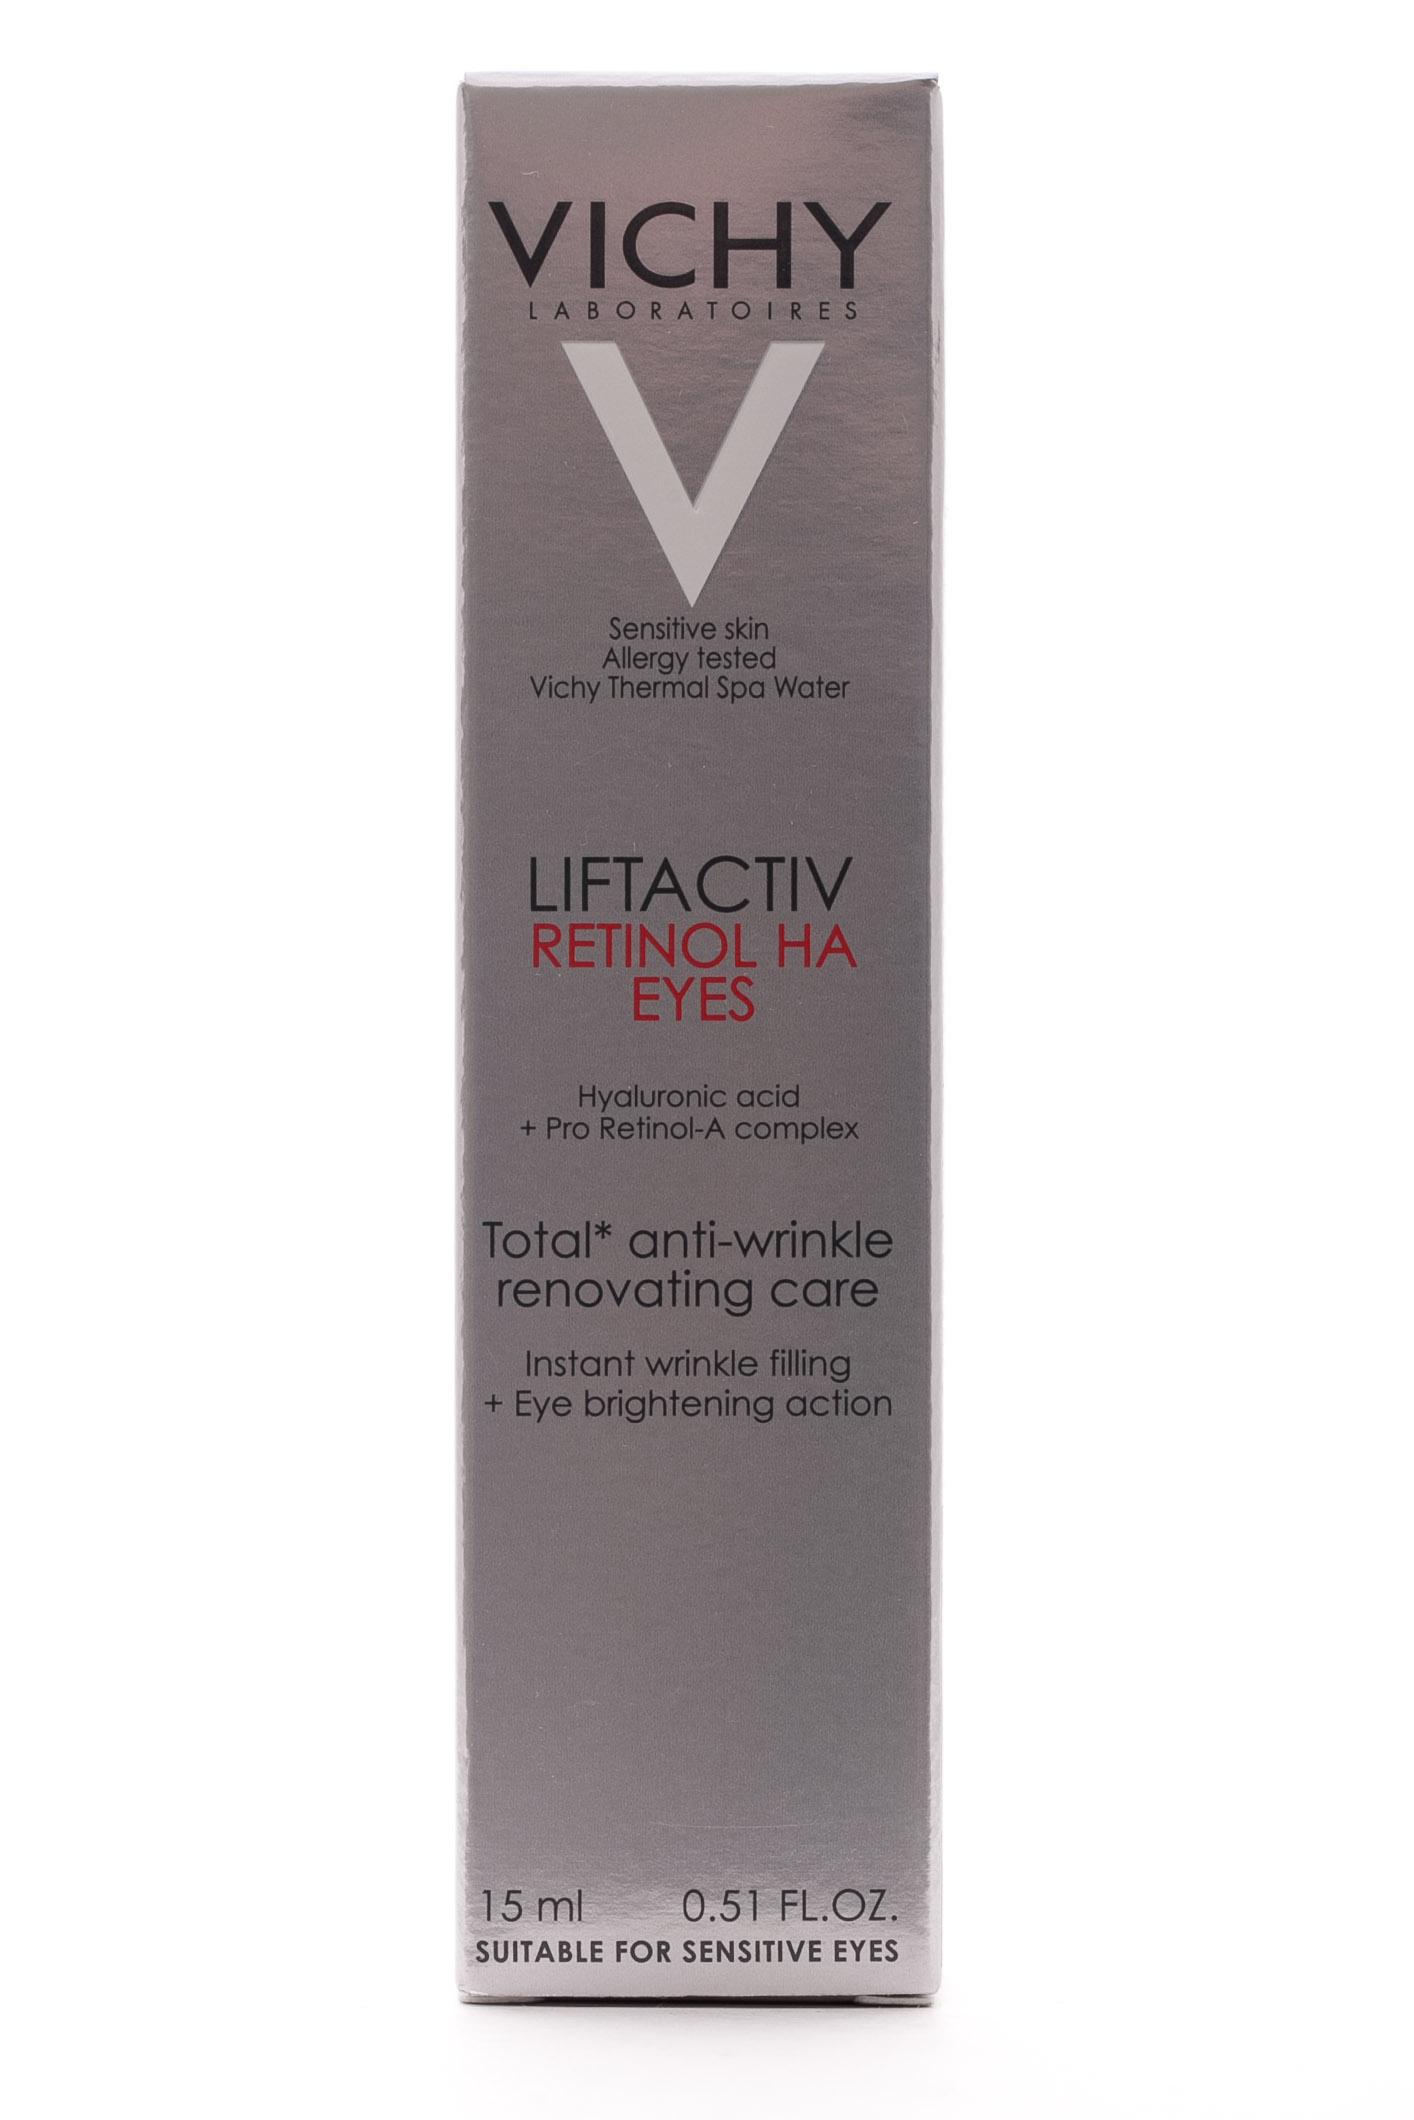 liftactiv retinol ha крем для комплексной коррекции морщин